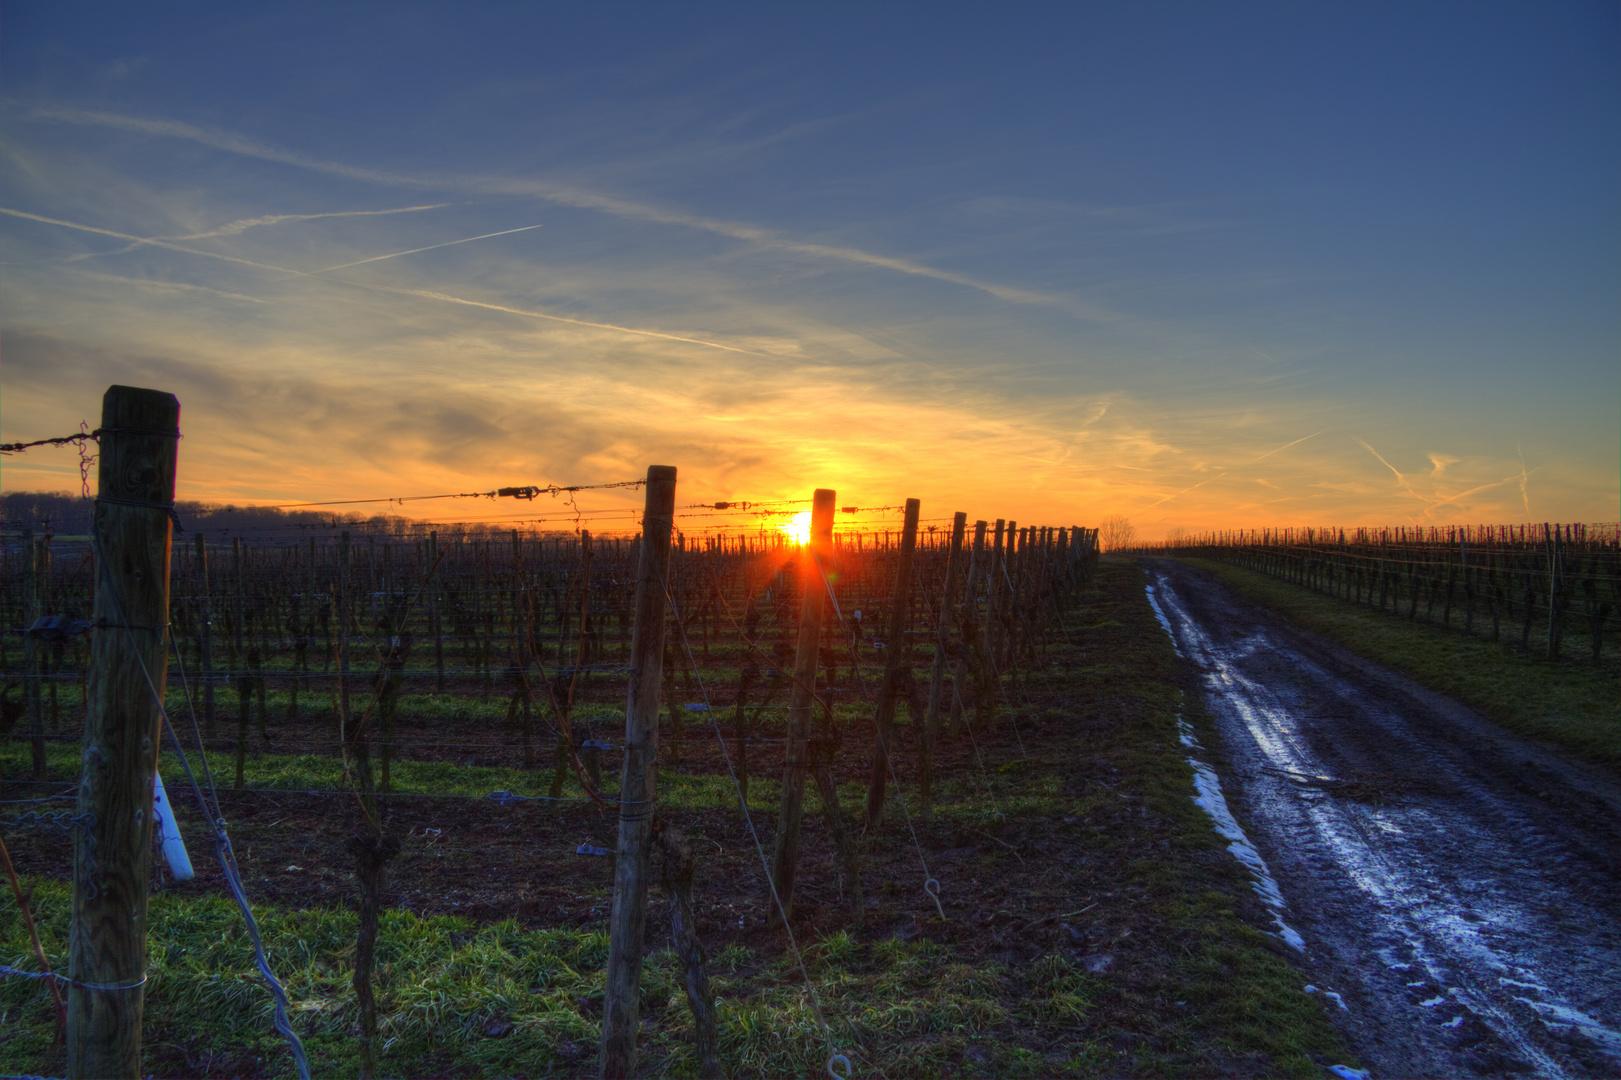 Sonnenuntergang auf dem Weinberg